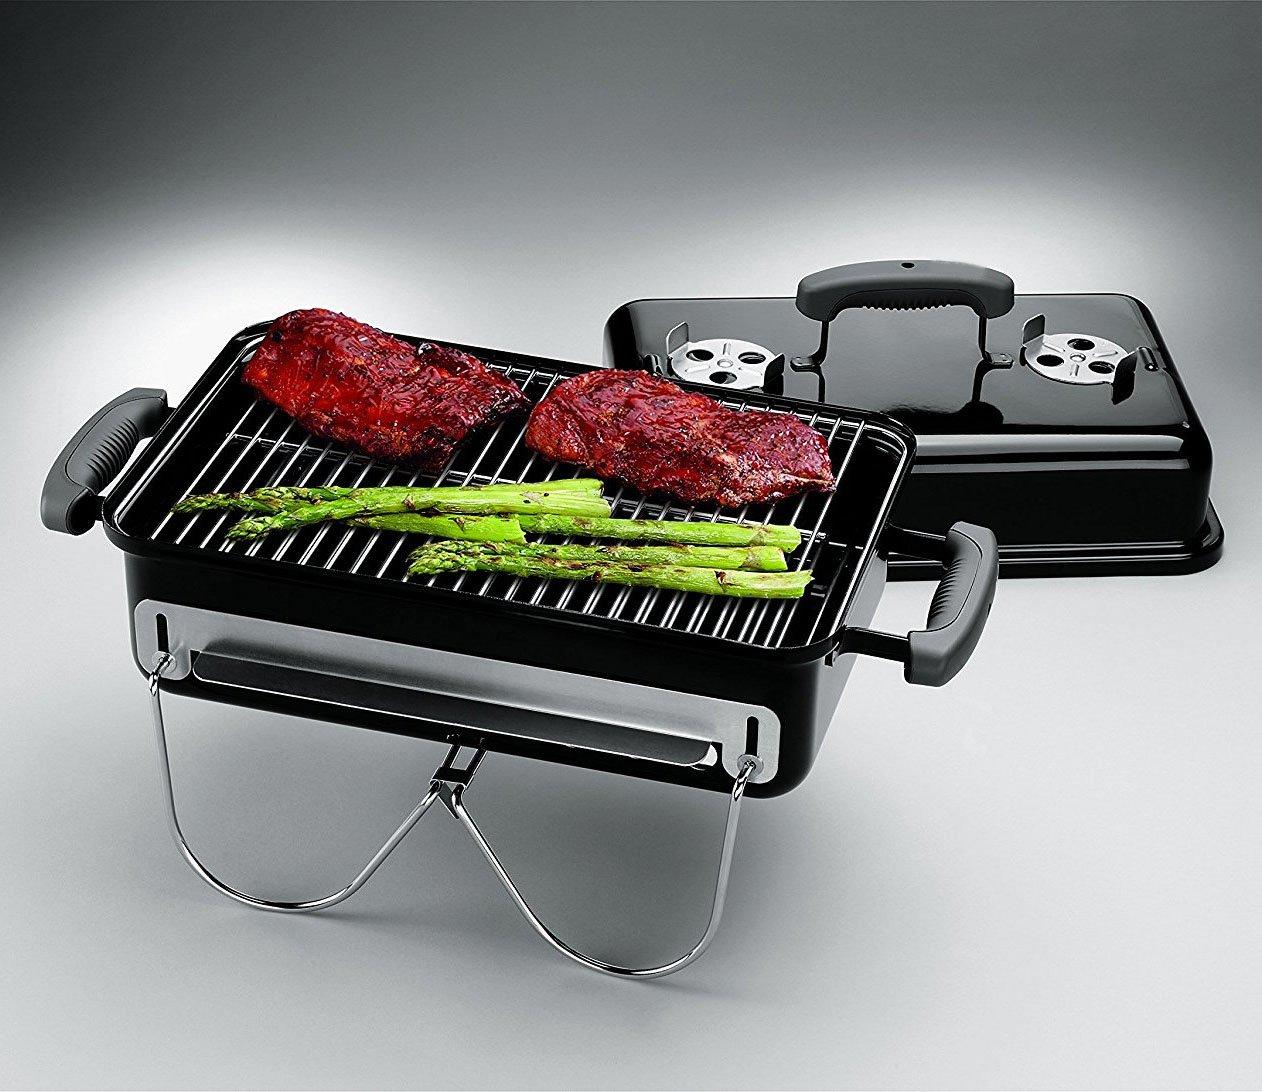 Mini Grill Charcoal Rectangular Outdoor Portable Barbecue for Patio Garden Camping Picnic & e-Book by jn.widetrade.